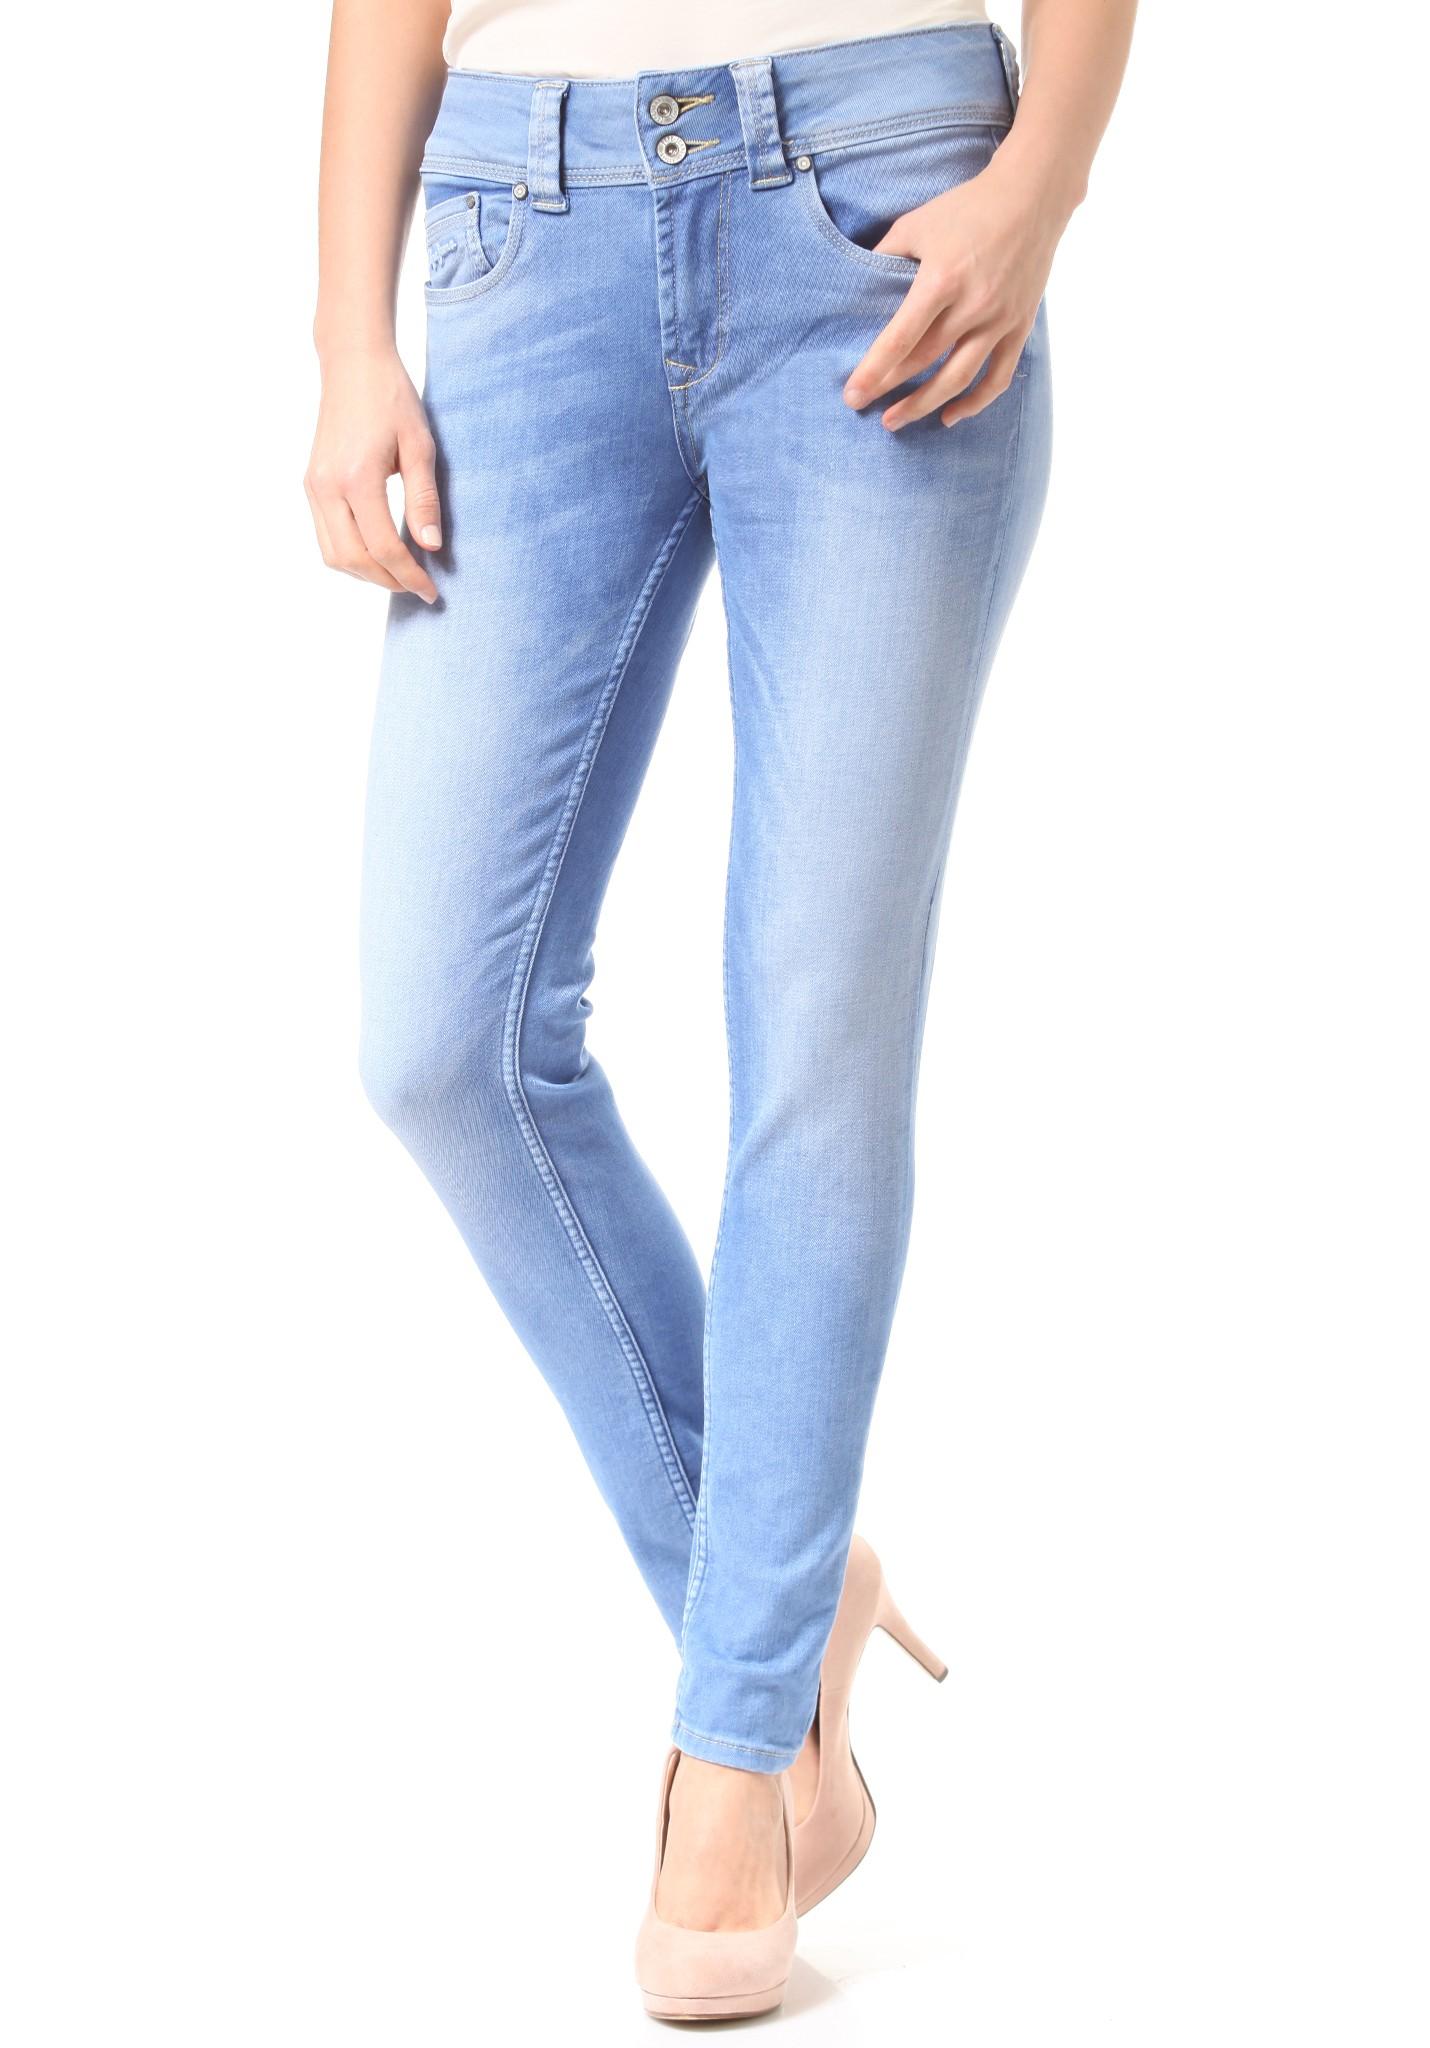 pepe jeans hosen damen images. Black Bedroom Furniture Sets. Home Design Ideas